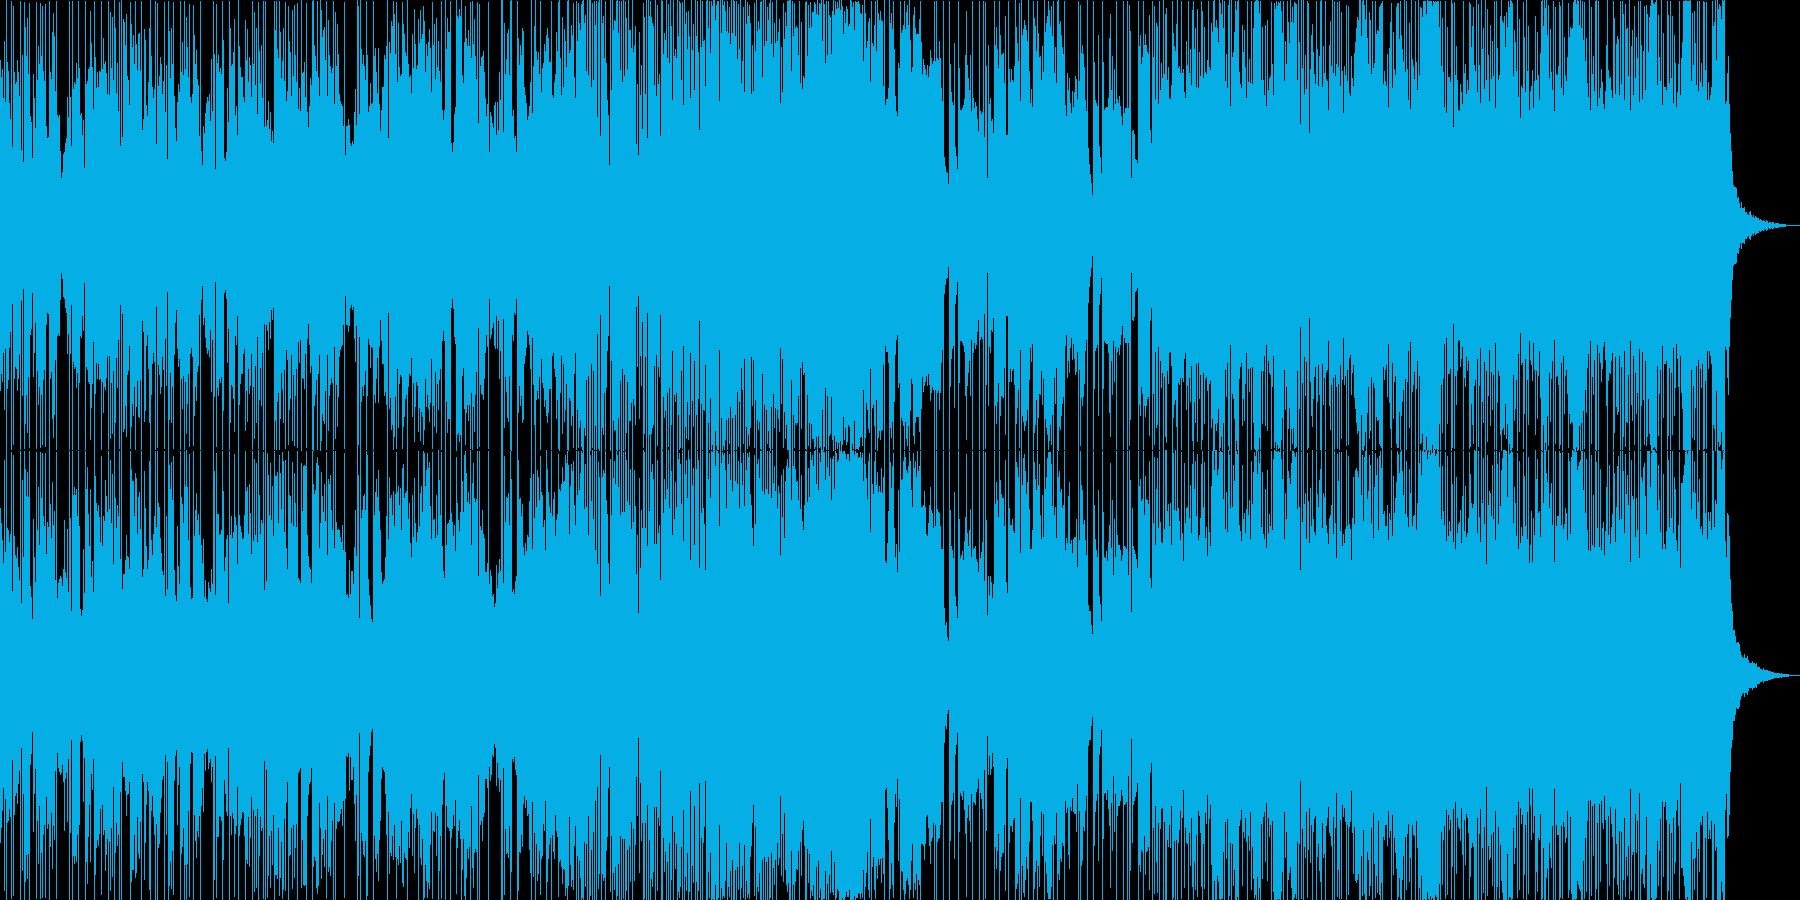 緊張感のあるエレクトロニカの再生済みの波形